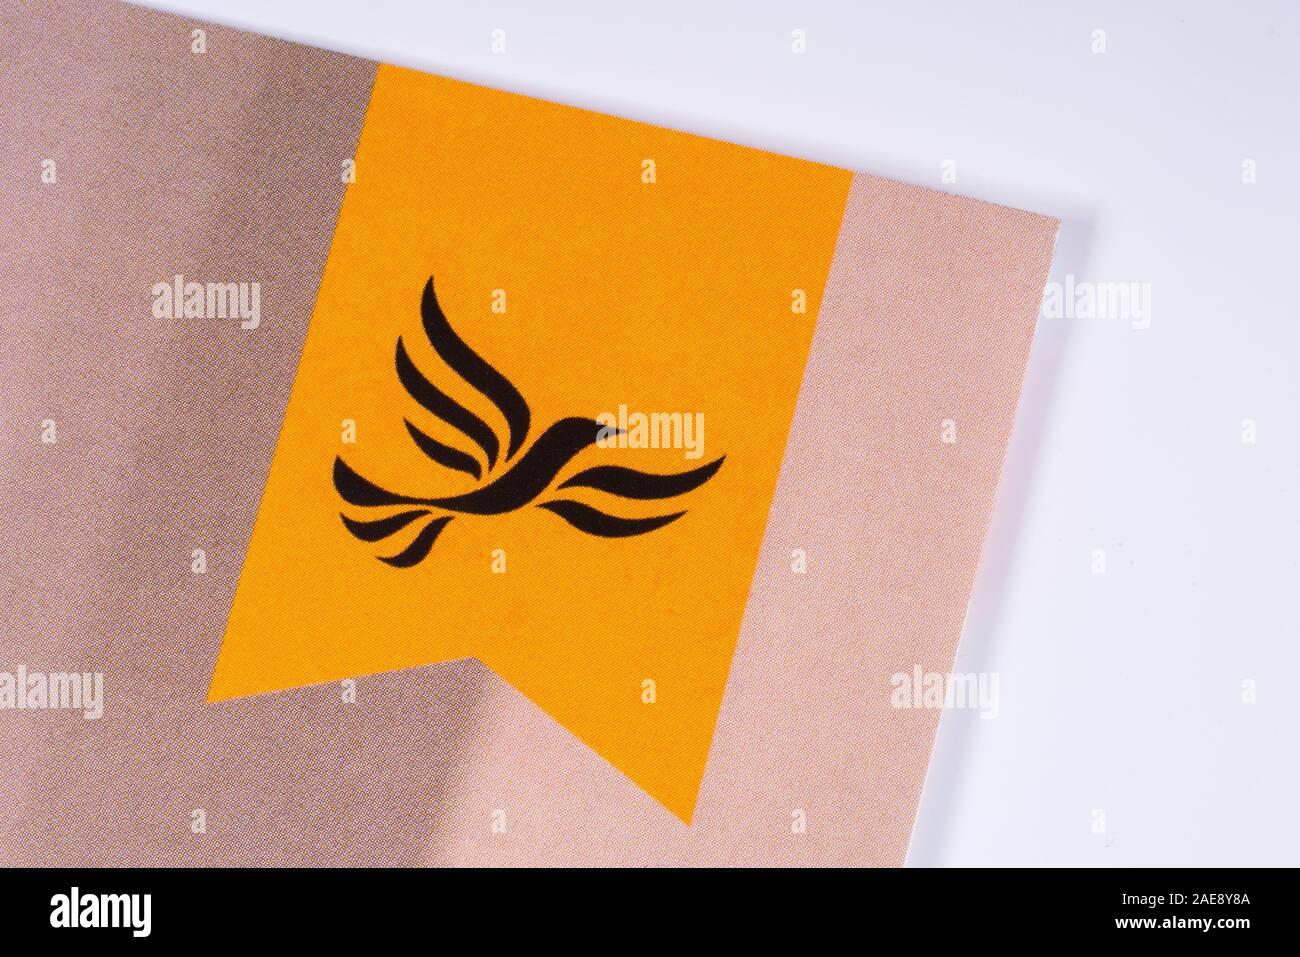 Partido Laborista logotipo Botón Insignia-Reino Unido elecciones generales 2017-4 Tamaños rosa